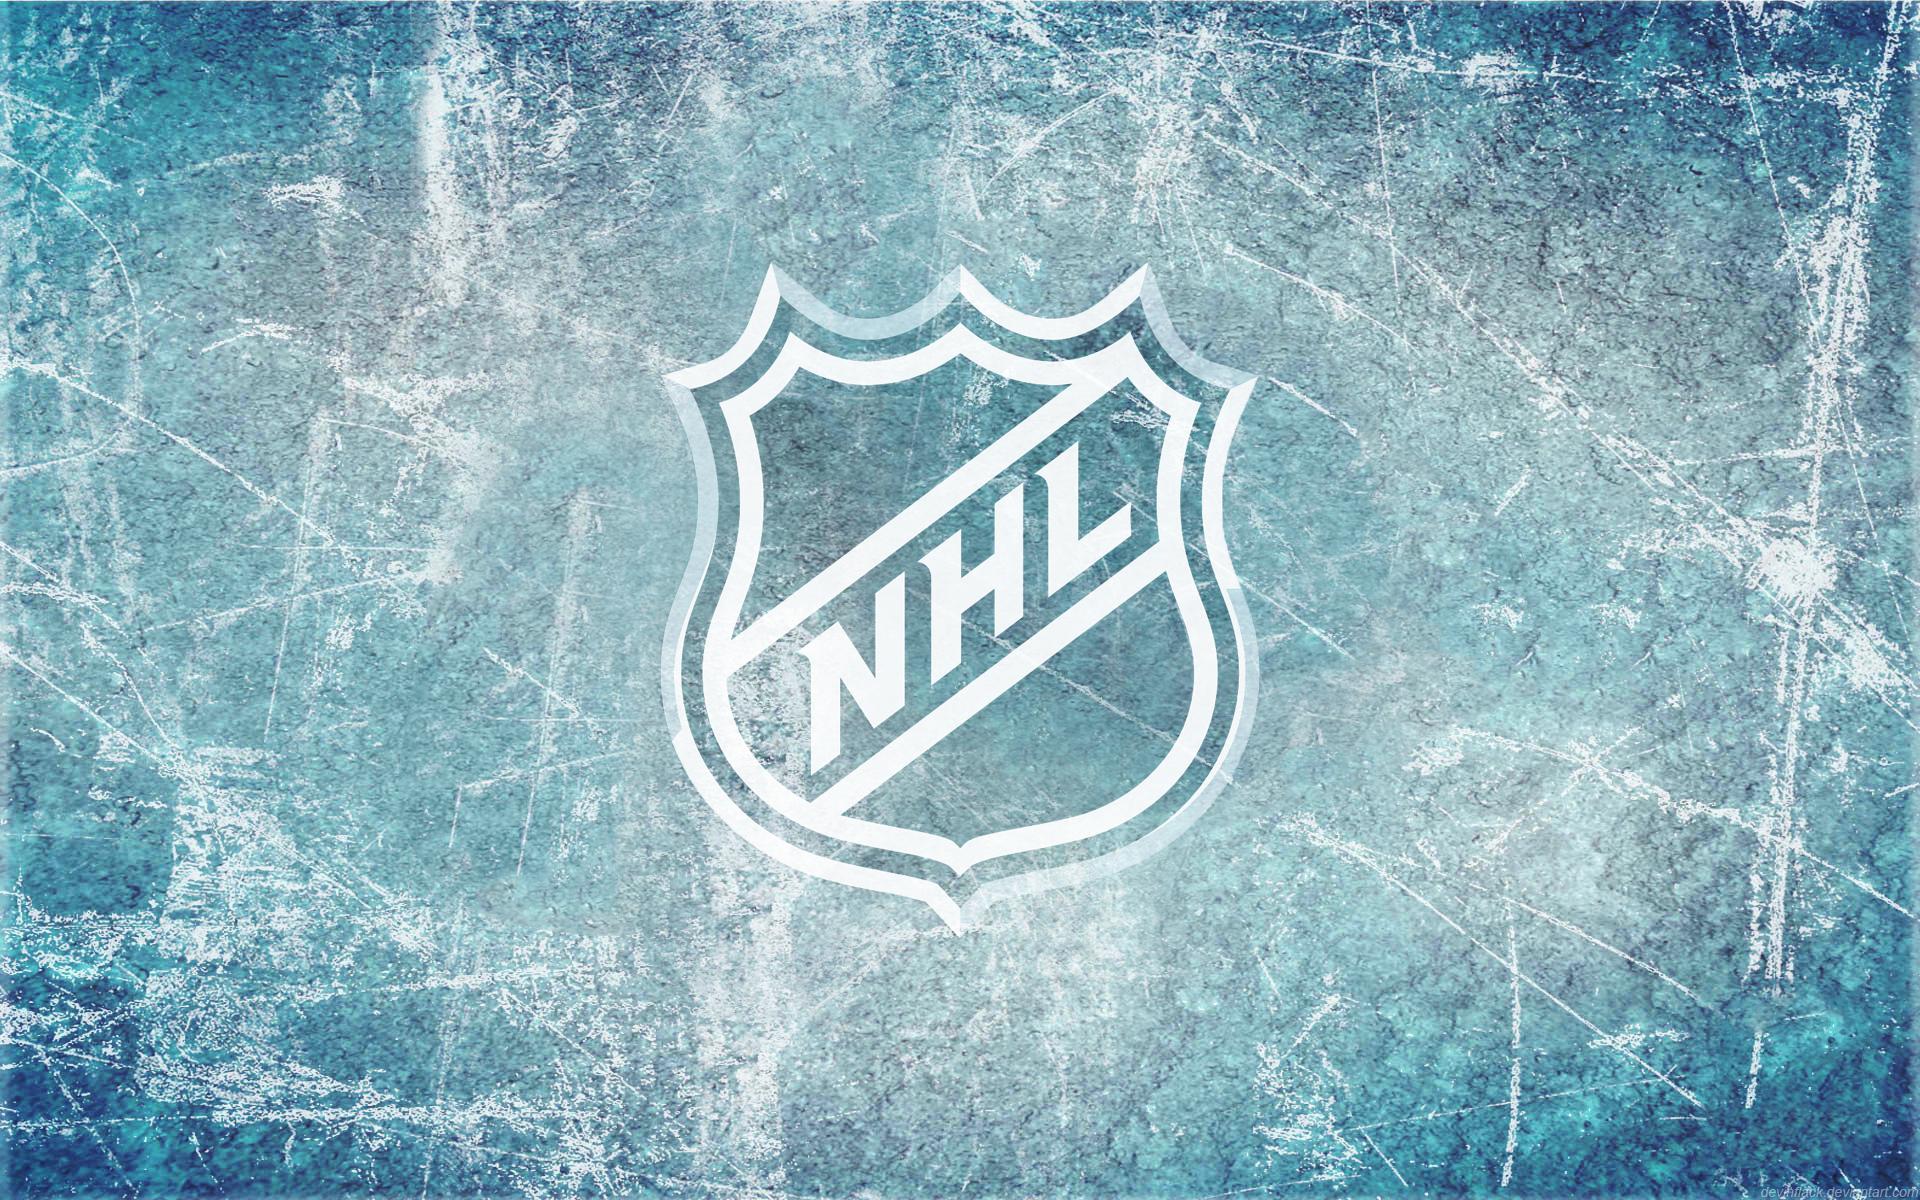 NHL. Կուչերովը հաղթանակ է բերում Տամպային և այլ արդյունքներ (🎥)